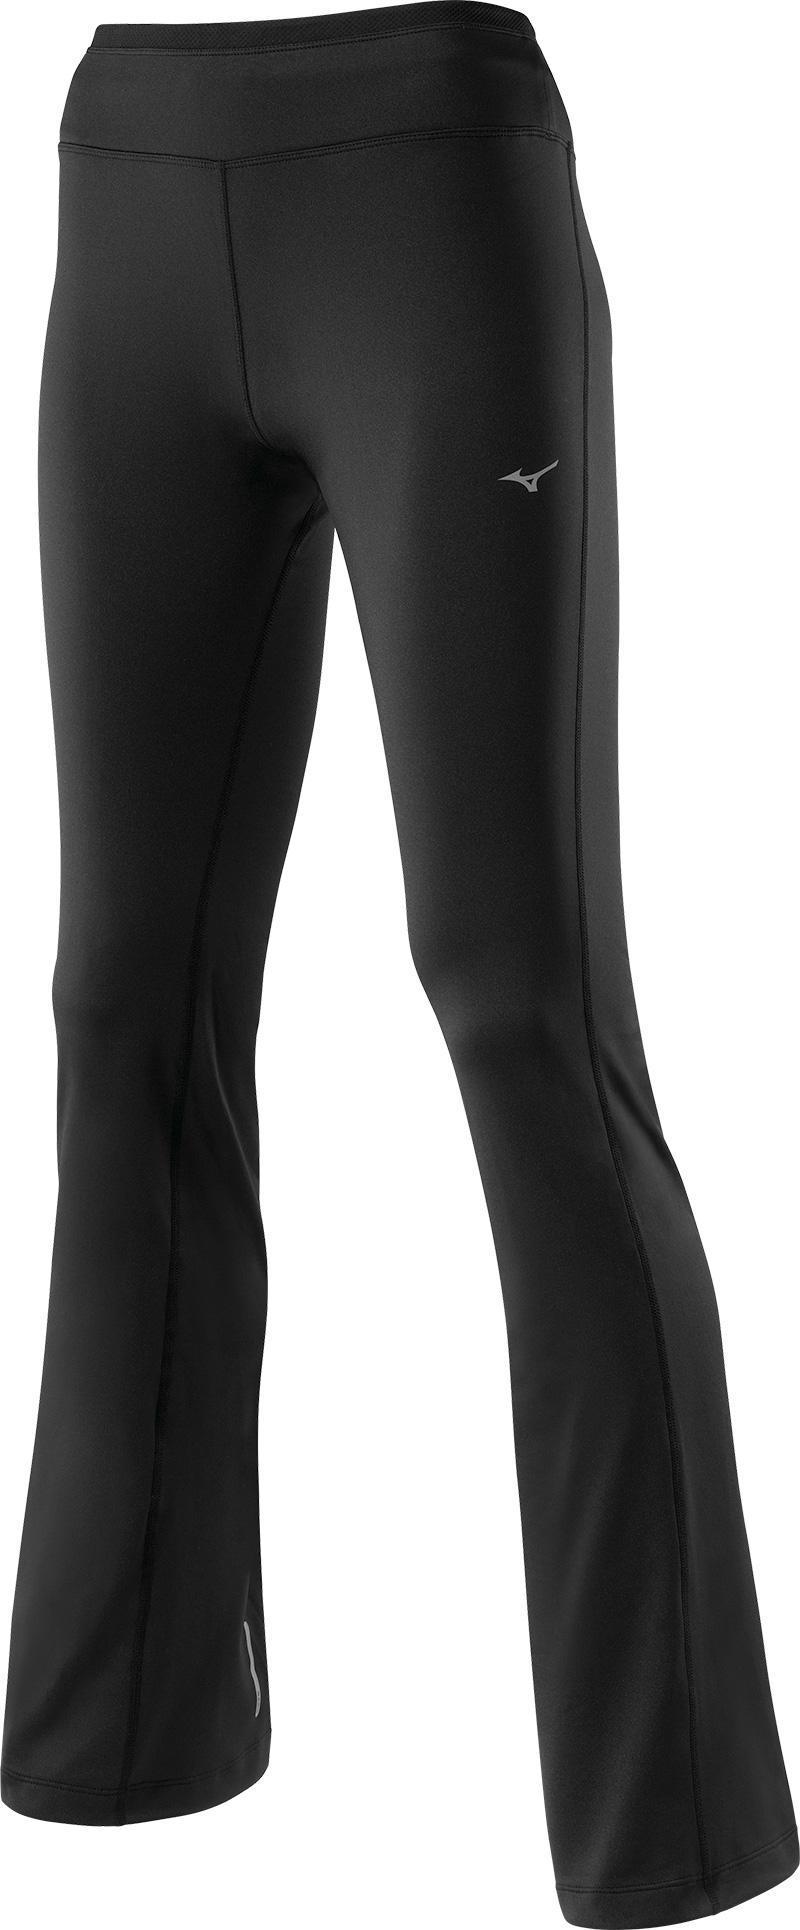 Женские спортивные брюки Mizuno Warmalite Long Pants black (J2GD4701 09)